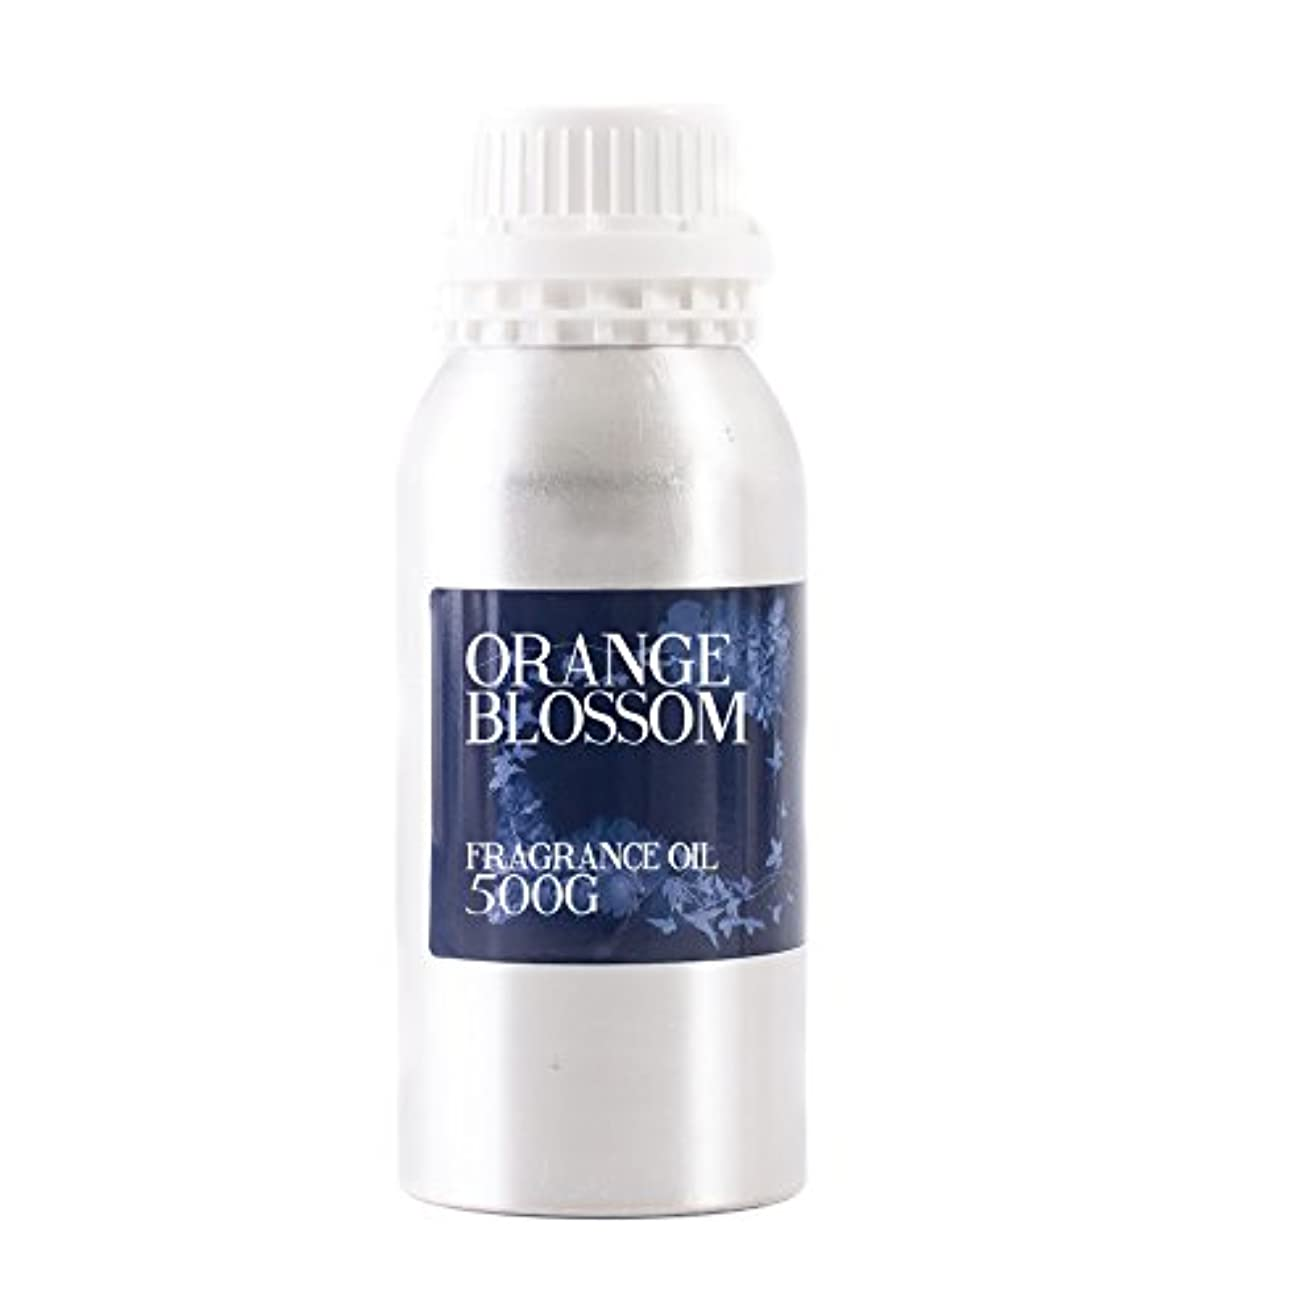 脚本家バブル準備するMystic Moments | Orange Blossom Fragrance Oil - 500g